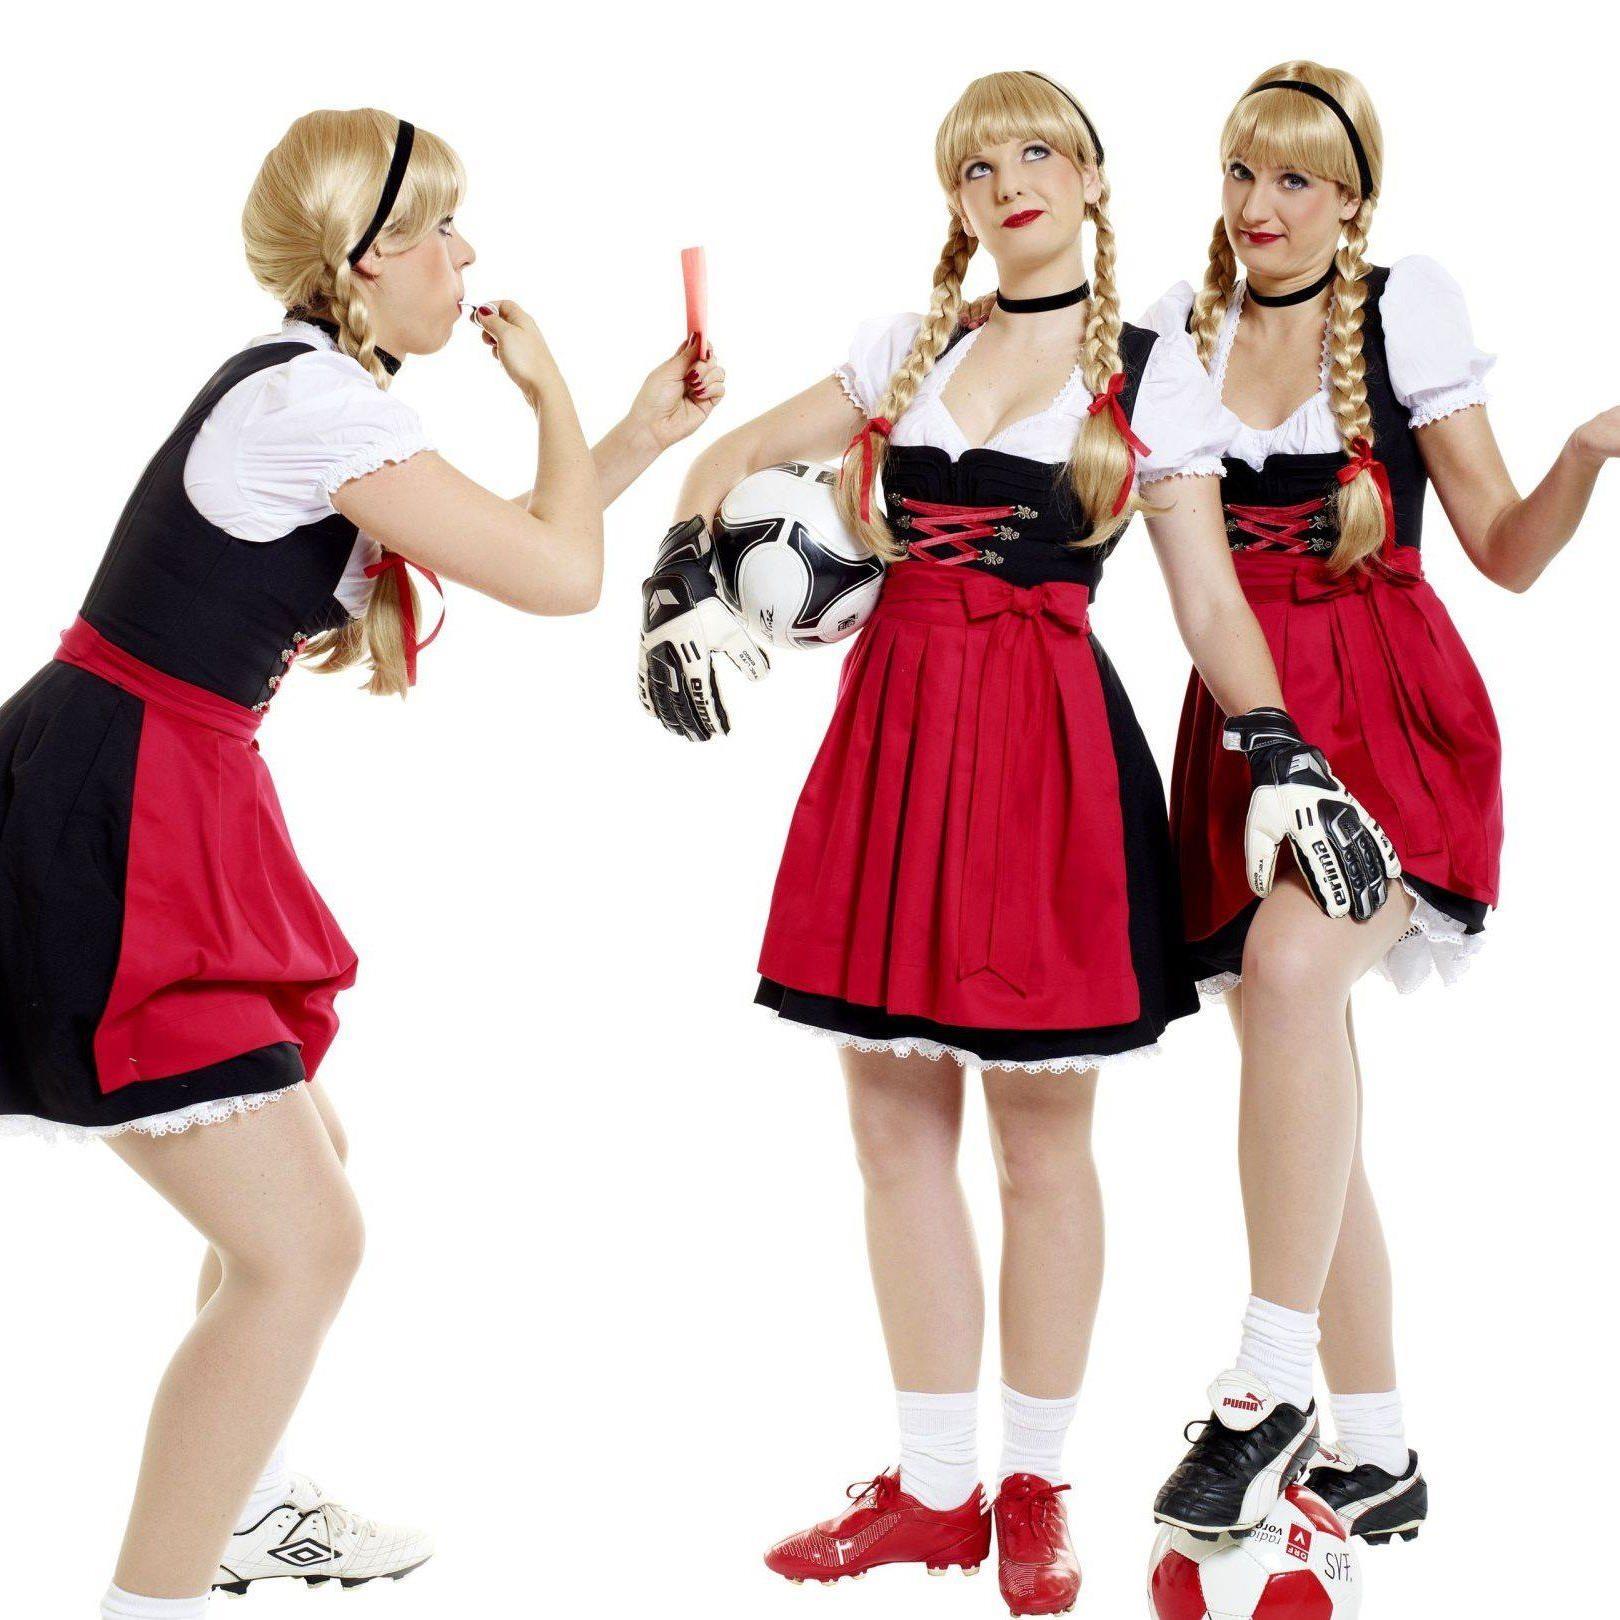 Die drei Schwestern sind im ganzen Ländle anzutreffen, sogar auch auf Fußballplätzen.